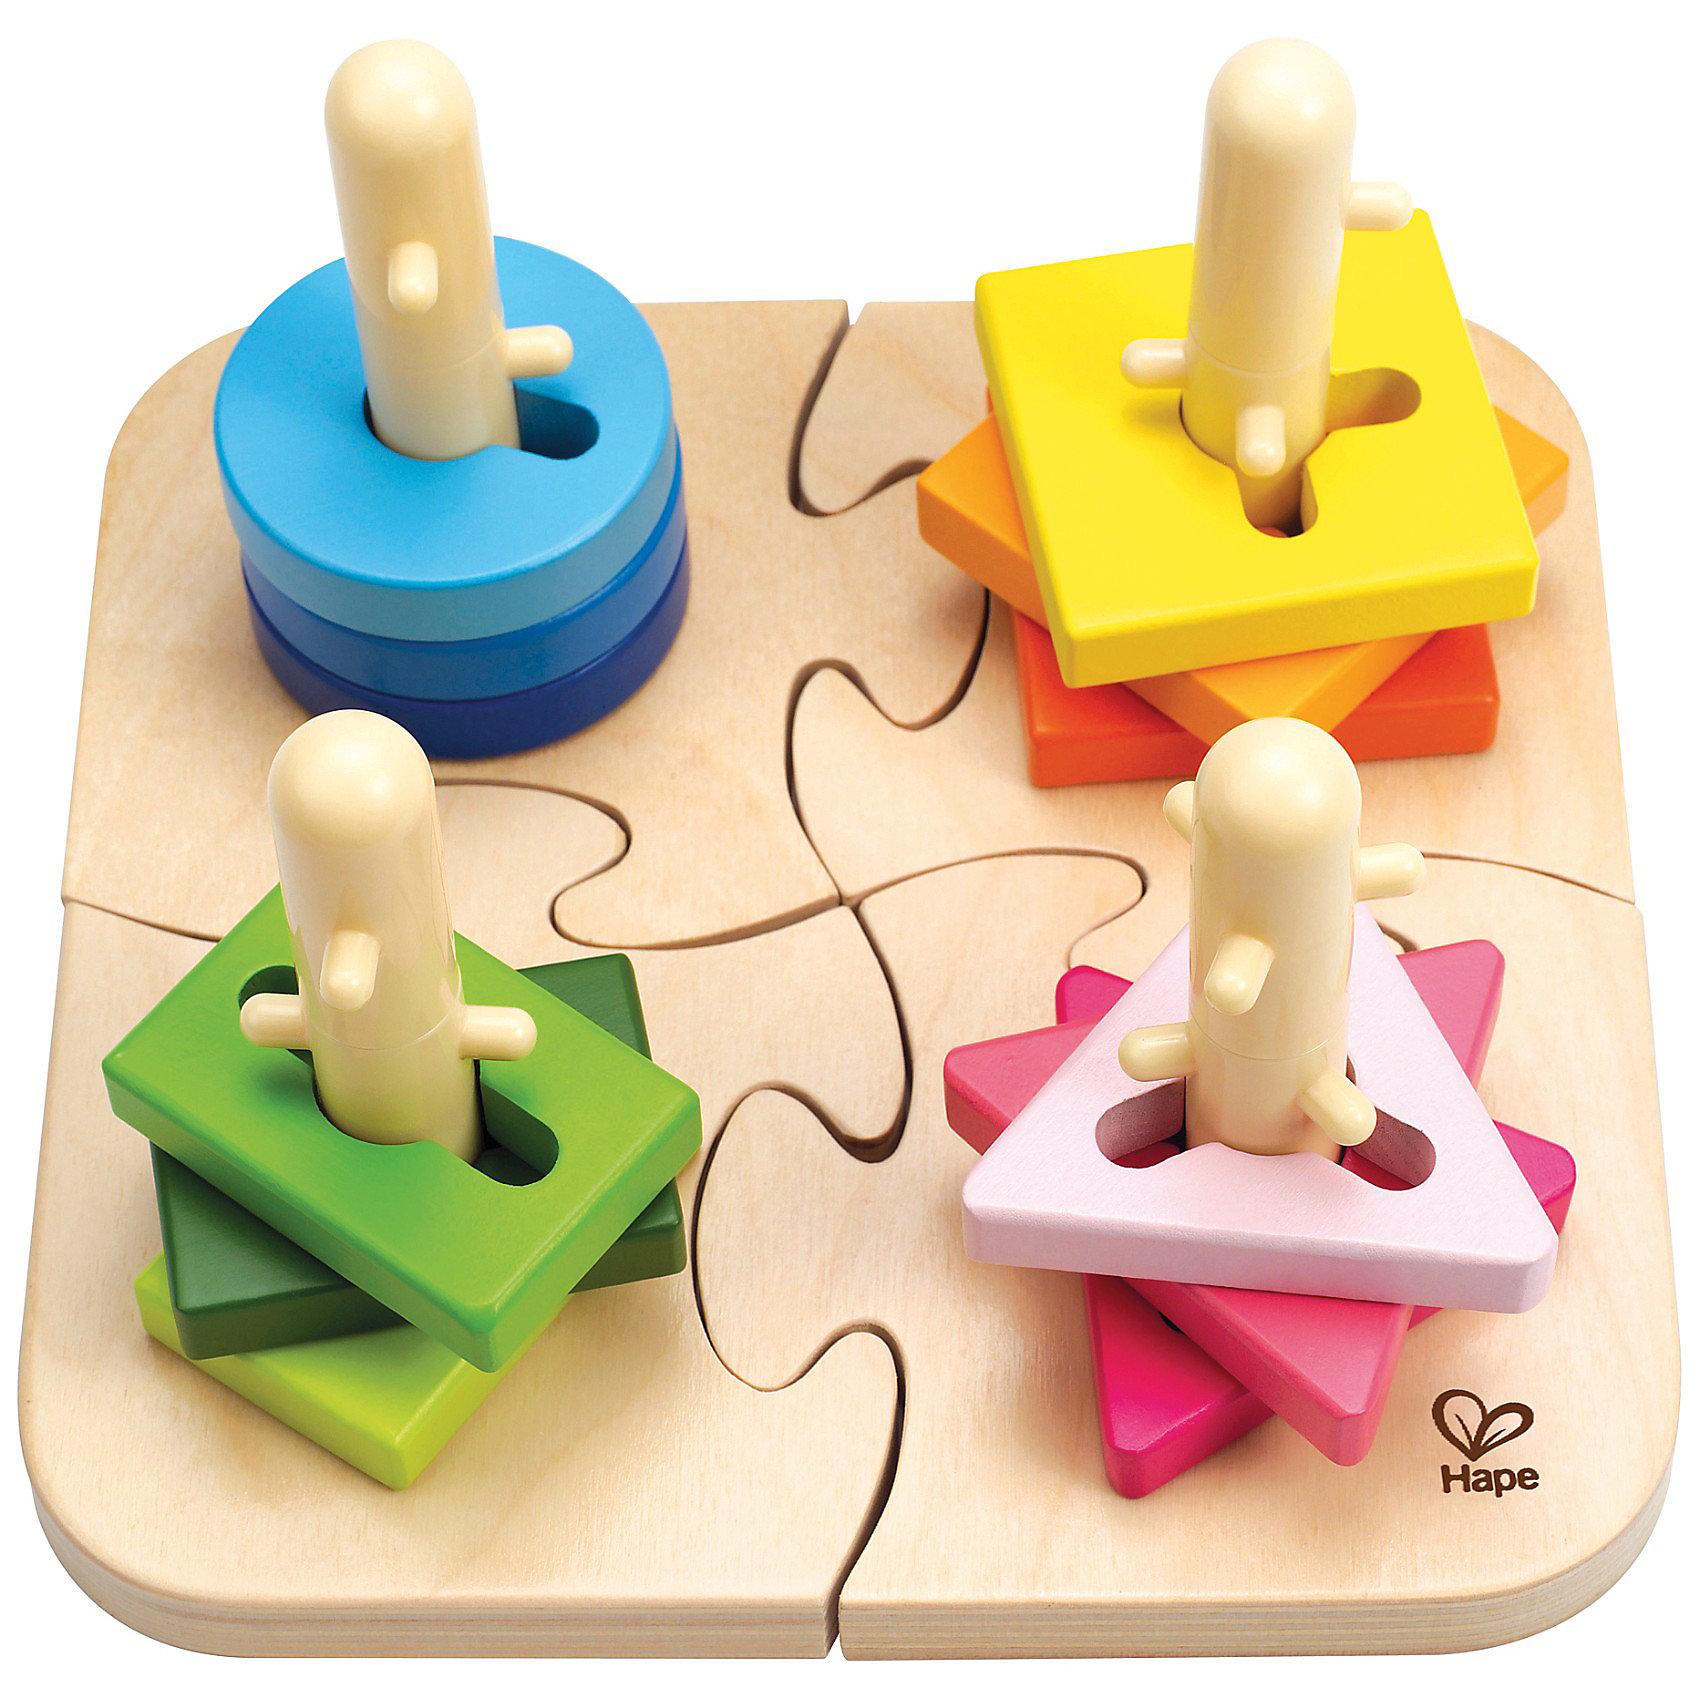 Деревянная пирамидка-сортер Колышки, HapeСортеры<br>Вашему малышу несомненно понравится пазл с разноцветными  колышками, на которые ему предстоит надевать элементы различной формы. Просто надеть элемент на колышек не получится, крохе придется многократно повернуть фигурку, чтобы опустить ее до конца. Само основание также разбирается на 4 составных элемента, что является дополнительной задачей. Пирамидка выполнена из натурального дерева, покрашена нетоксичными, безопасными красками, все детали - гладкие, прекрасно проработаны, не имеют острых углов.  Игрушка развивает логическое и пространственное мышление, координацию, ловкость, моторику.<br><br>Дополнительная информация: <br><br>- Комплектация: разборное основание, колышки ( 4 шт.), фигуры (12шт.)<br>- Размер: 19,7 х 19,7 х 11,6 см<br>- Материал: дерево.<br><br>Деревянную пирамидку Колышки, Hape (Хапе) можно купить в нашем магазине.<br><br>Ширина мм: 252<br>Глубина мм: 213<br>Высота мм: 137<br>Вес г: 760<br>Возраст от месяцев: 18<br>Возраст до месяцев: 36<br>Пол: Унисекс<br>Возраст: Детский<br>SKU: 2416649